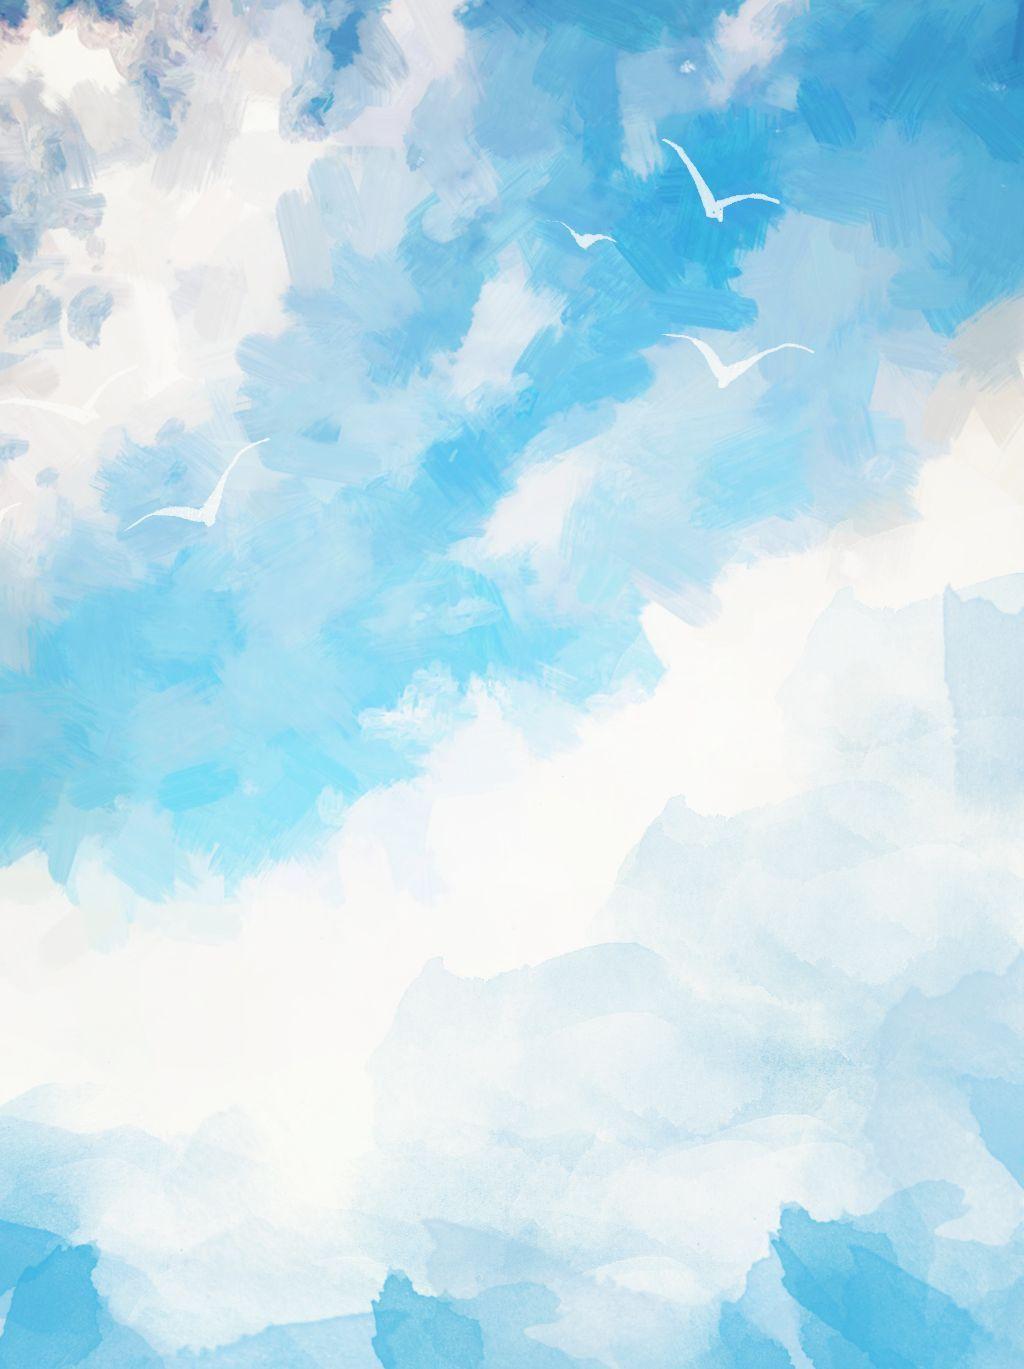 天藍色的天空雲仿水彩效果背景 In 2020 Blue Sky Clouds Blue Sky Background Watercolor Background